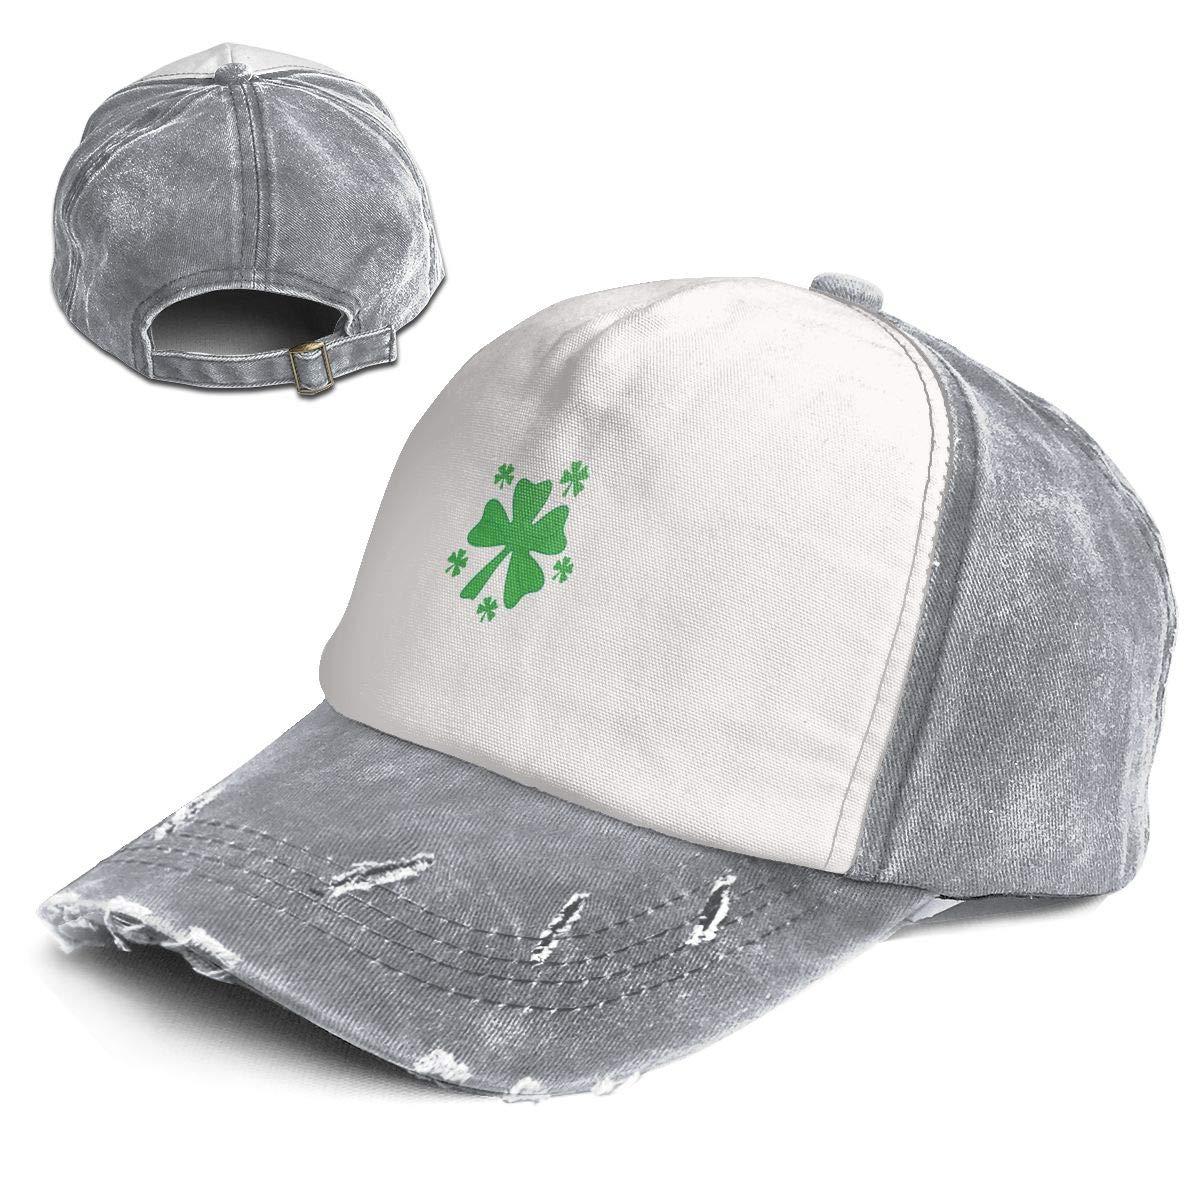 Fashion Vintage Hat Stereotype Me Im Irish Adjustable Dad Hat Baseball Cowboy Cap